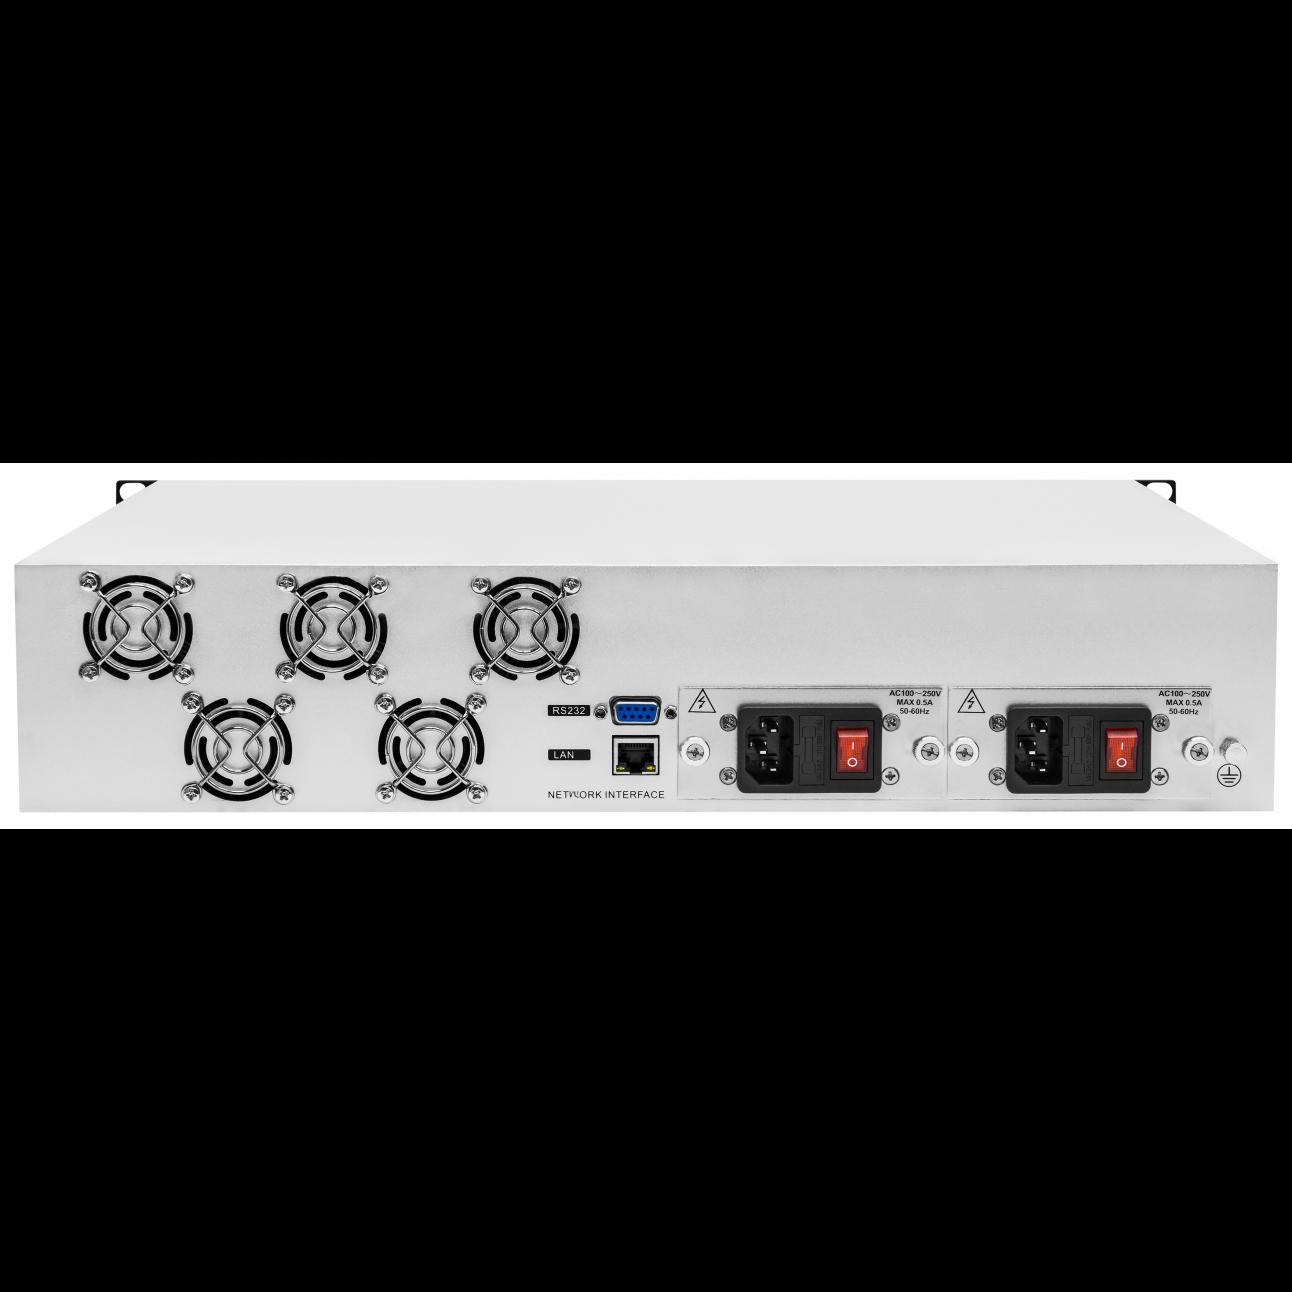 Оптический усилитель VERMAX для сетей КТВ, 2 входа, 8*21dBm выходов, WDM фильтр PON